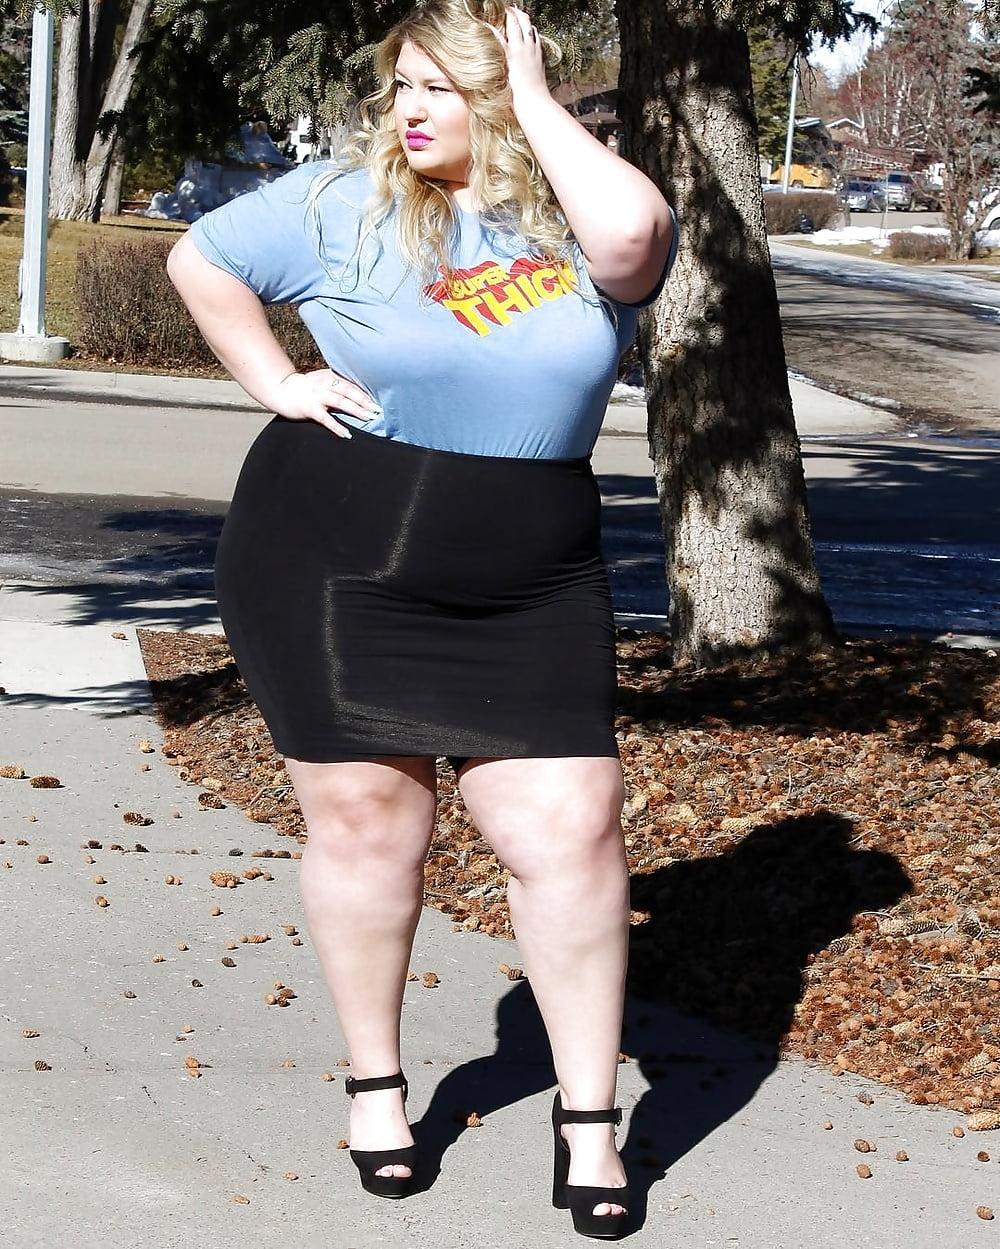 fat-wife-in-mini-skirt-in-walmart